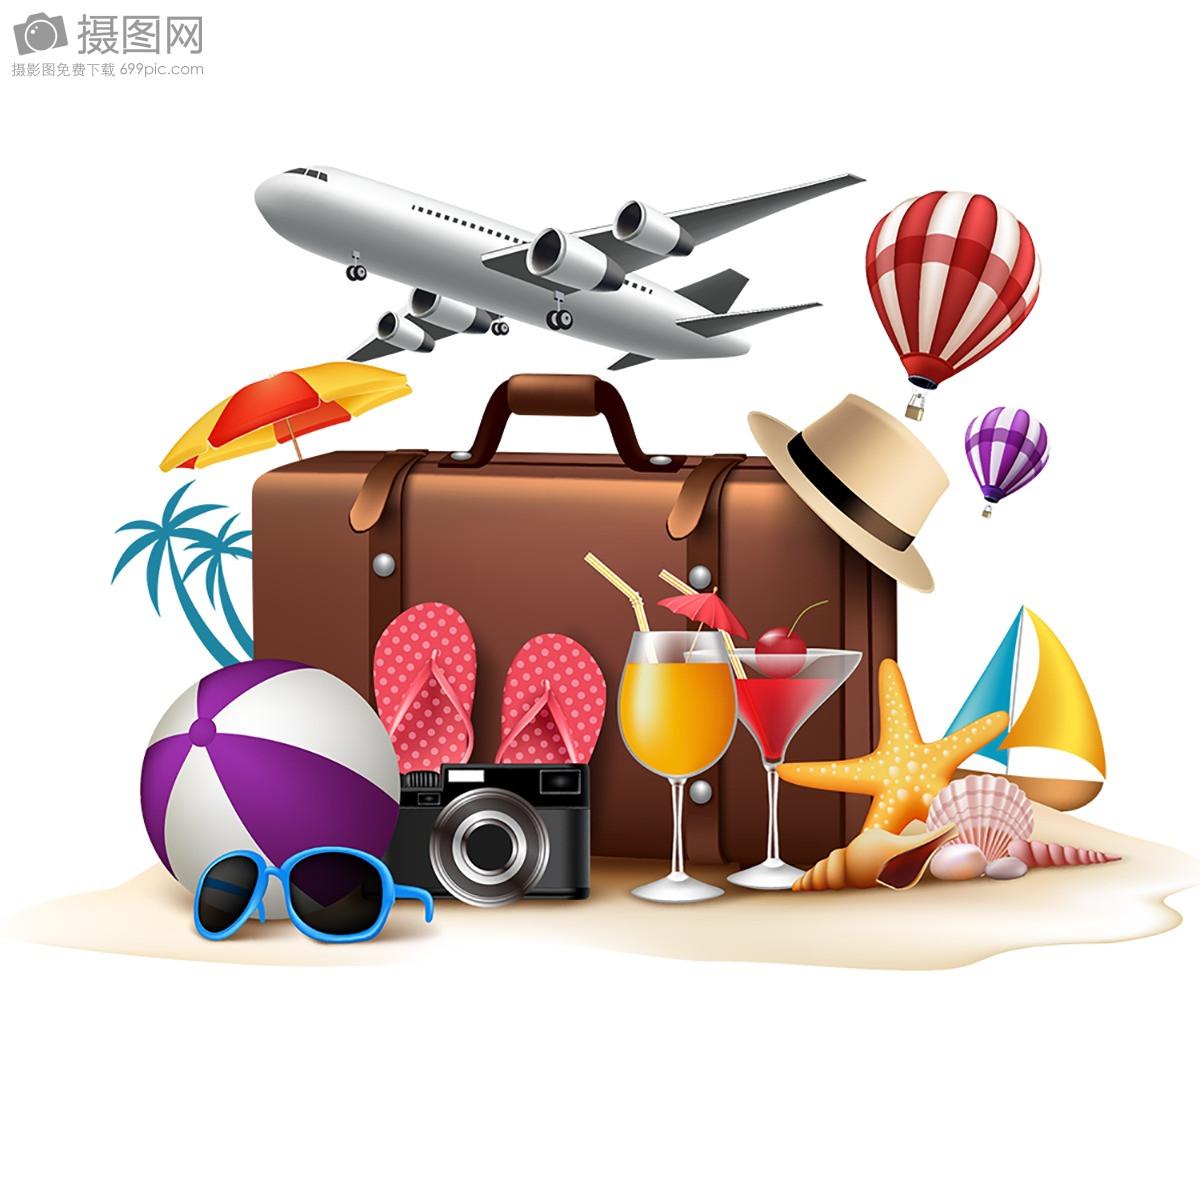 旅游海报手绘卡通行李箱素材